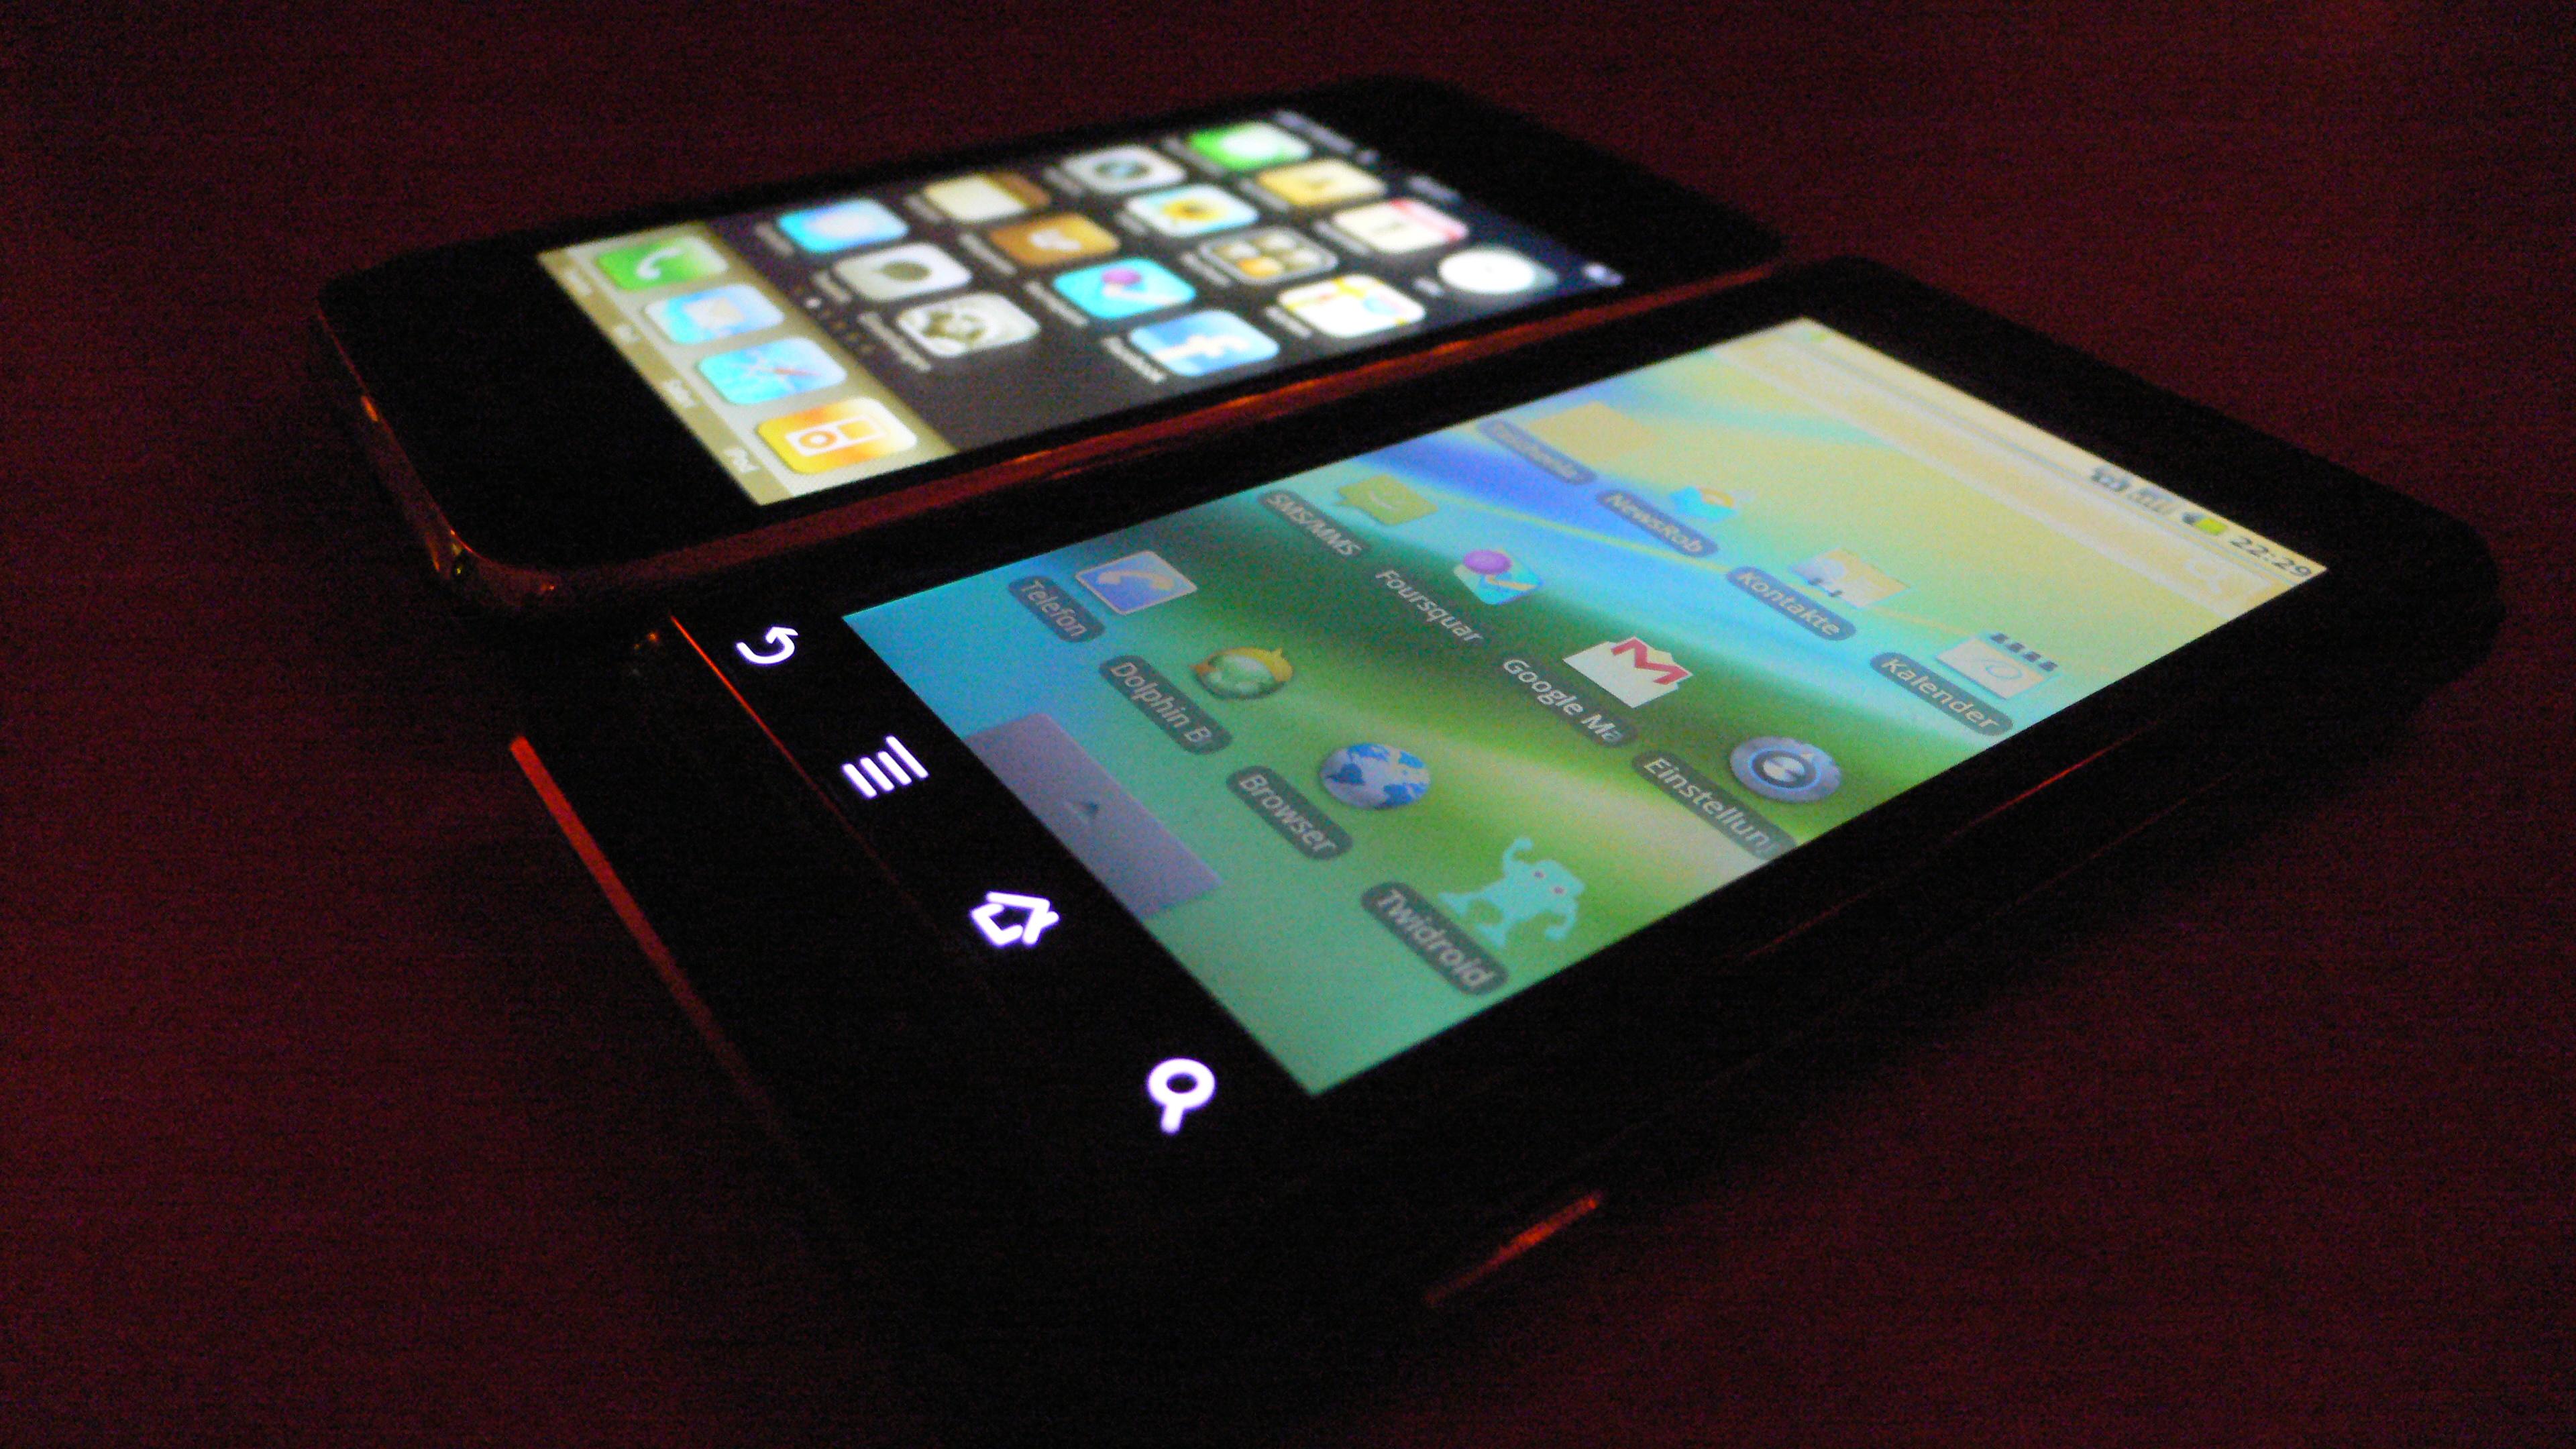 iPhone und Motorola Milestone/Droid im Saal 2 auf der Schanze